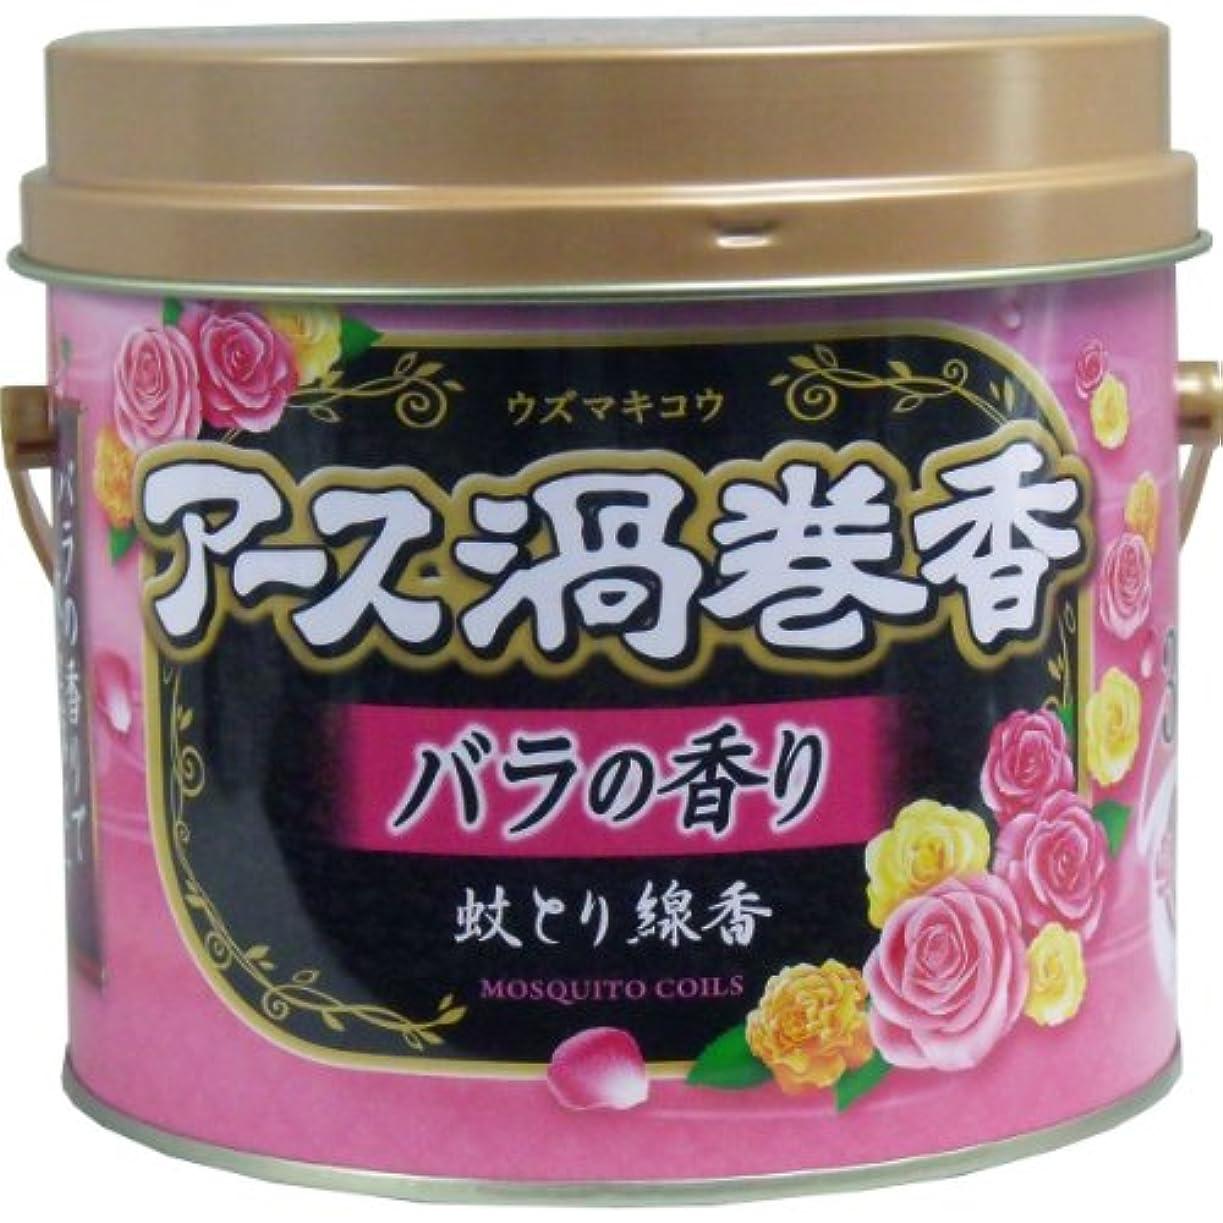 アース渦巻香 蚊とり線香 バラの香り 30巻「3点セット」